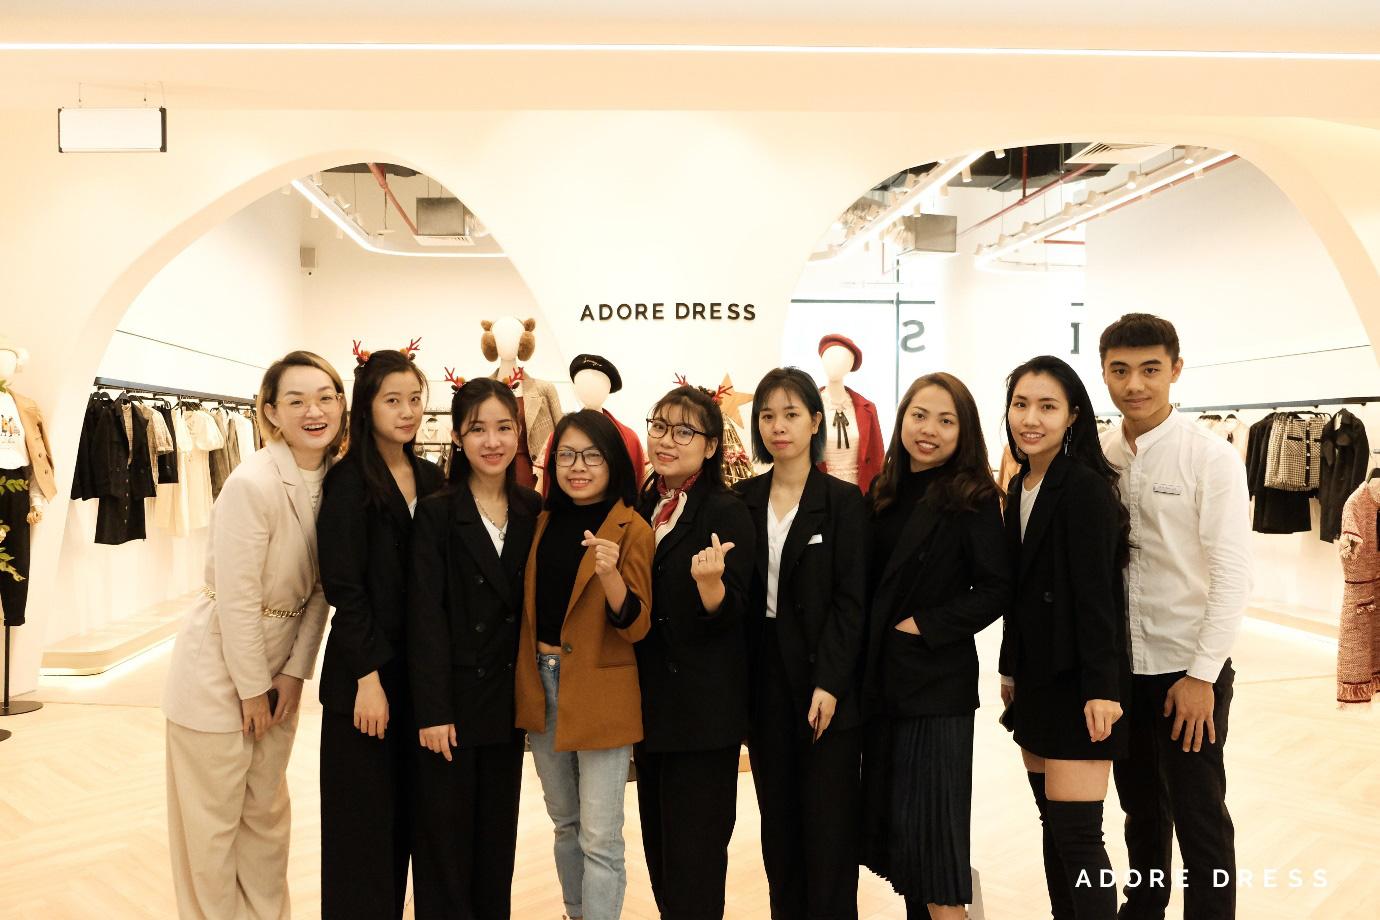 Adore Dress rộn ràng khai trương 2 cửa hàng mới tại Ocean Park Hà Nội và Aeon Mall Hải Phòng - Ảnh 4.